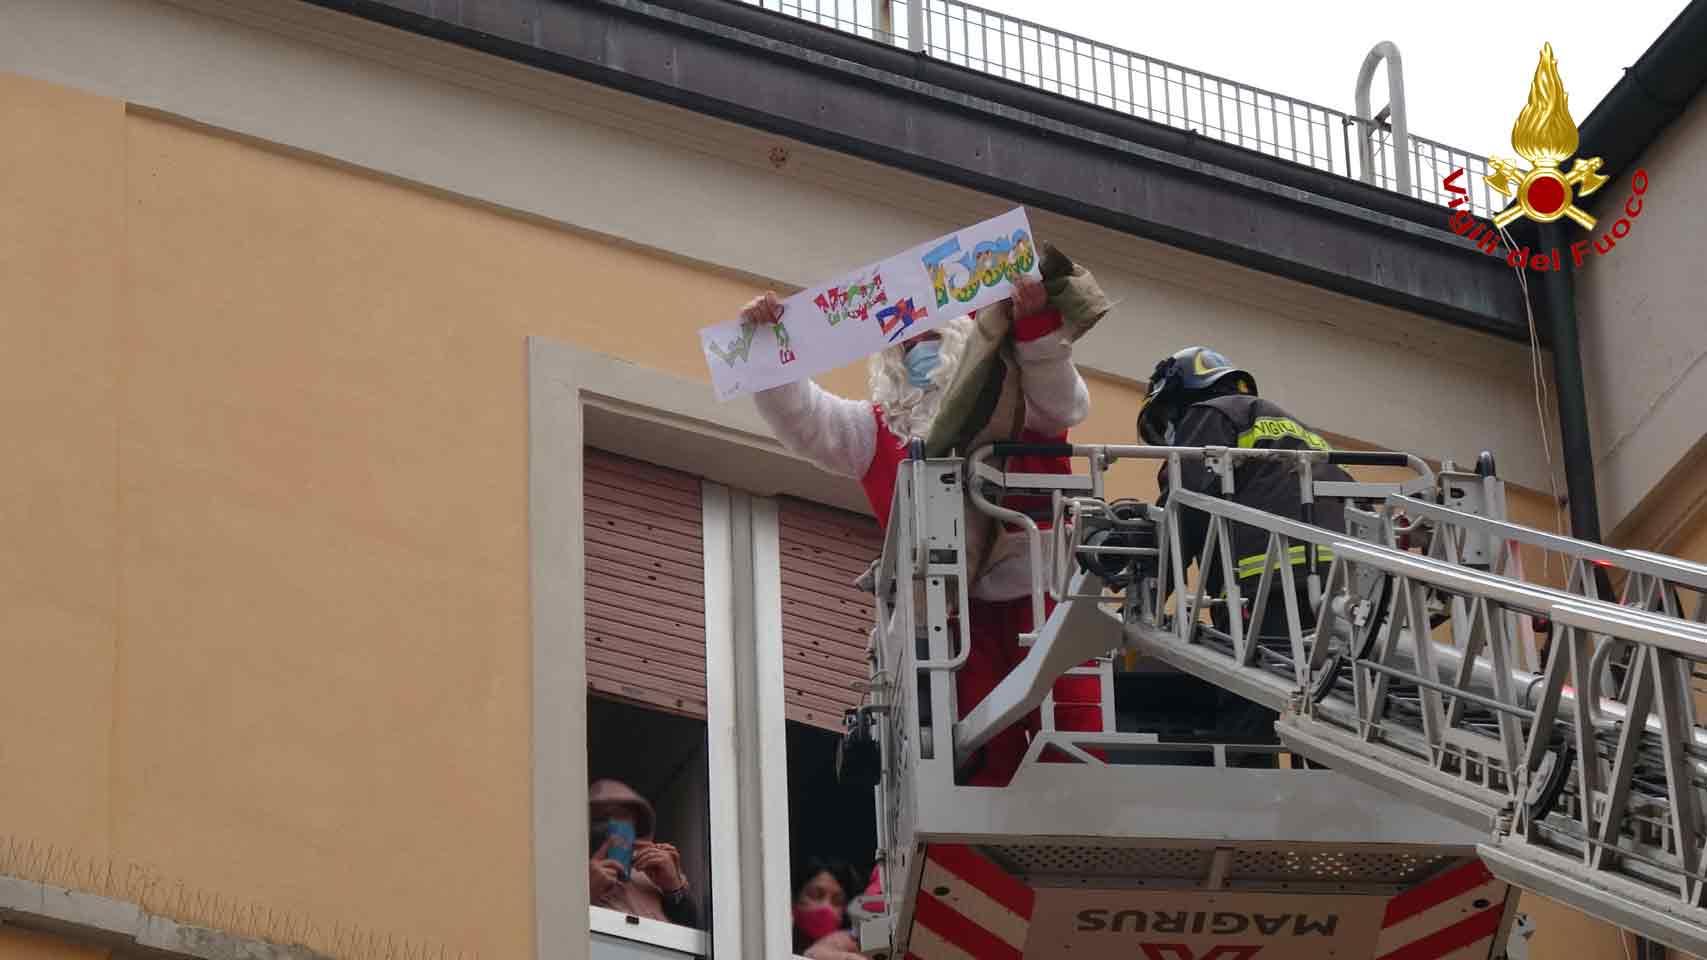 Vigili Del Fuoco Natale Di Solidarietà Per I Bambini Dell'ospedale Salesi Di Ancona